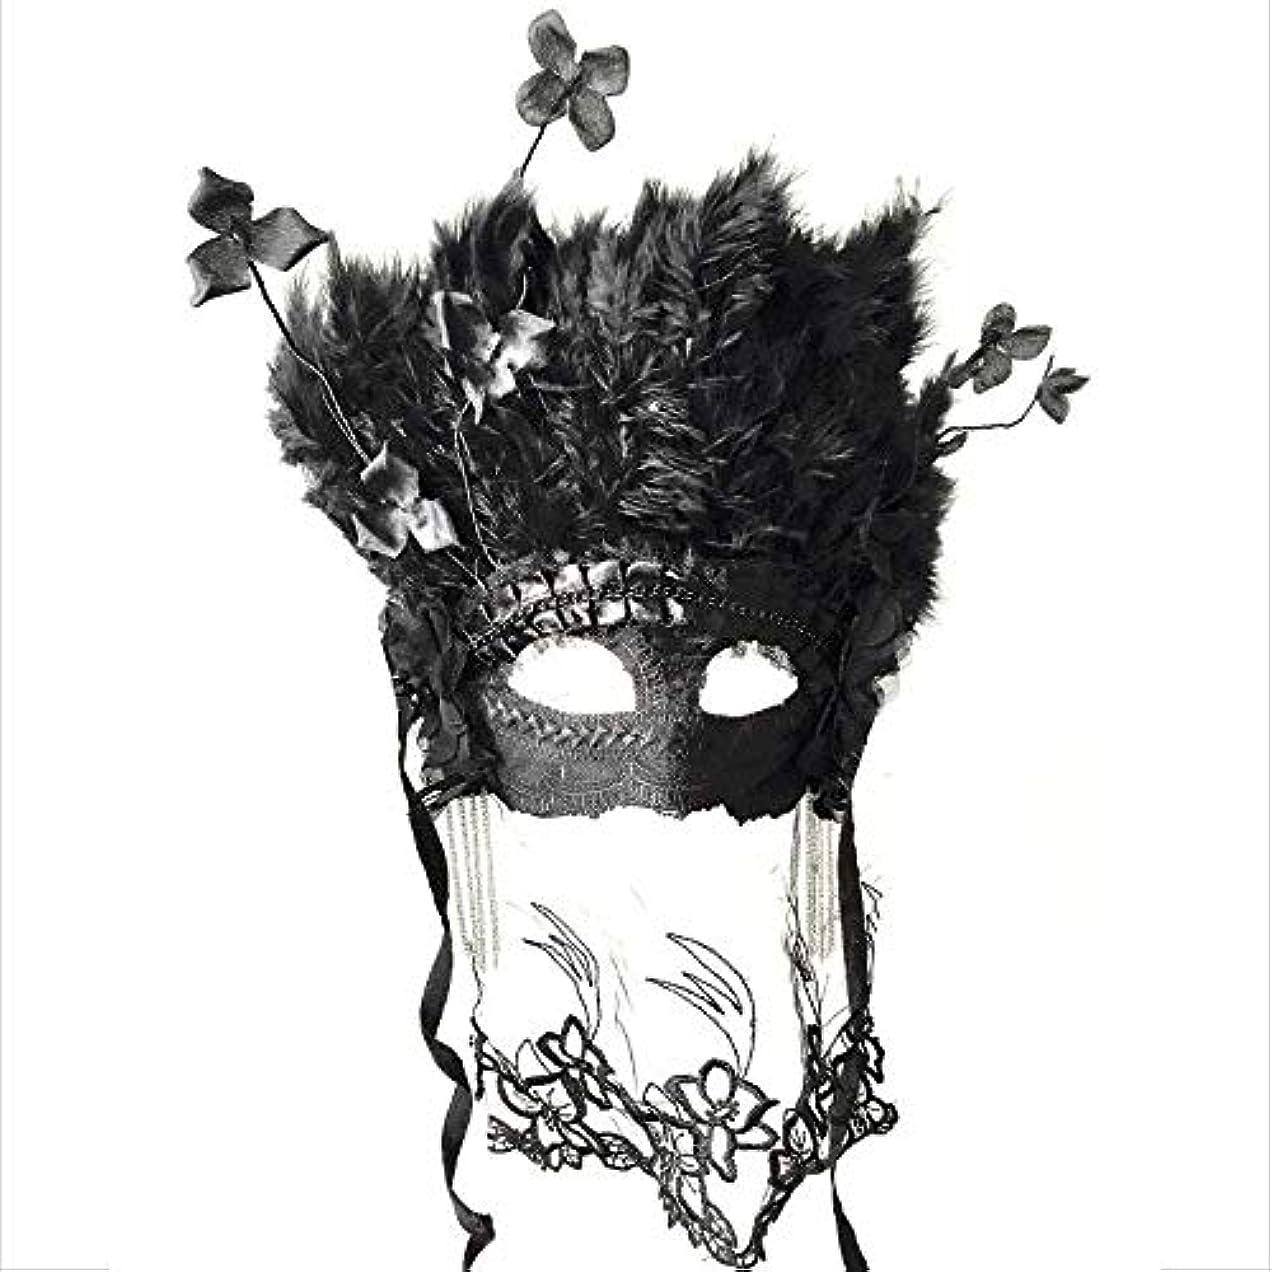 お尻音節ファシズムNanle ハロウィンクリスマスベールドライフラワーフェザータッセルマスク仮装マスクレディミスプリンセス美容祭パーティーデコレーションマスク